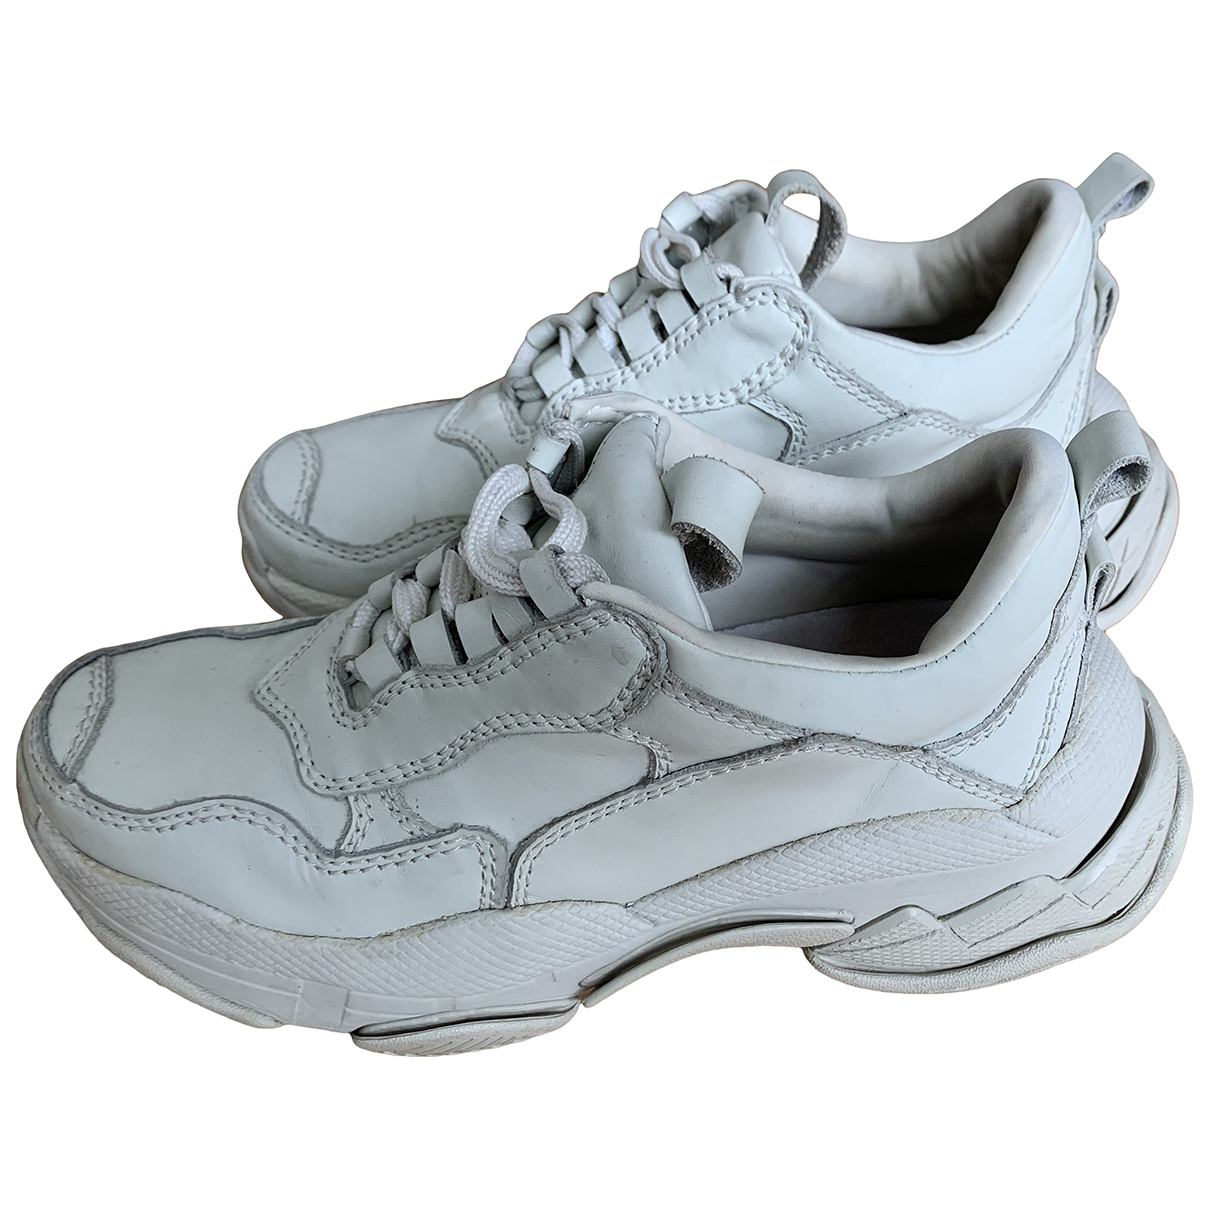 Jeffrey Campbell - Baskets   pour femme en cuir - blanc